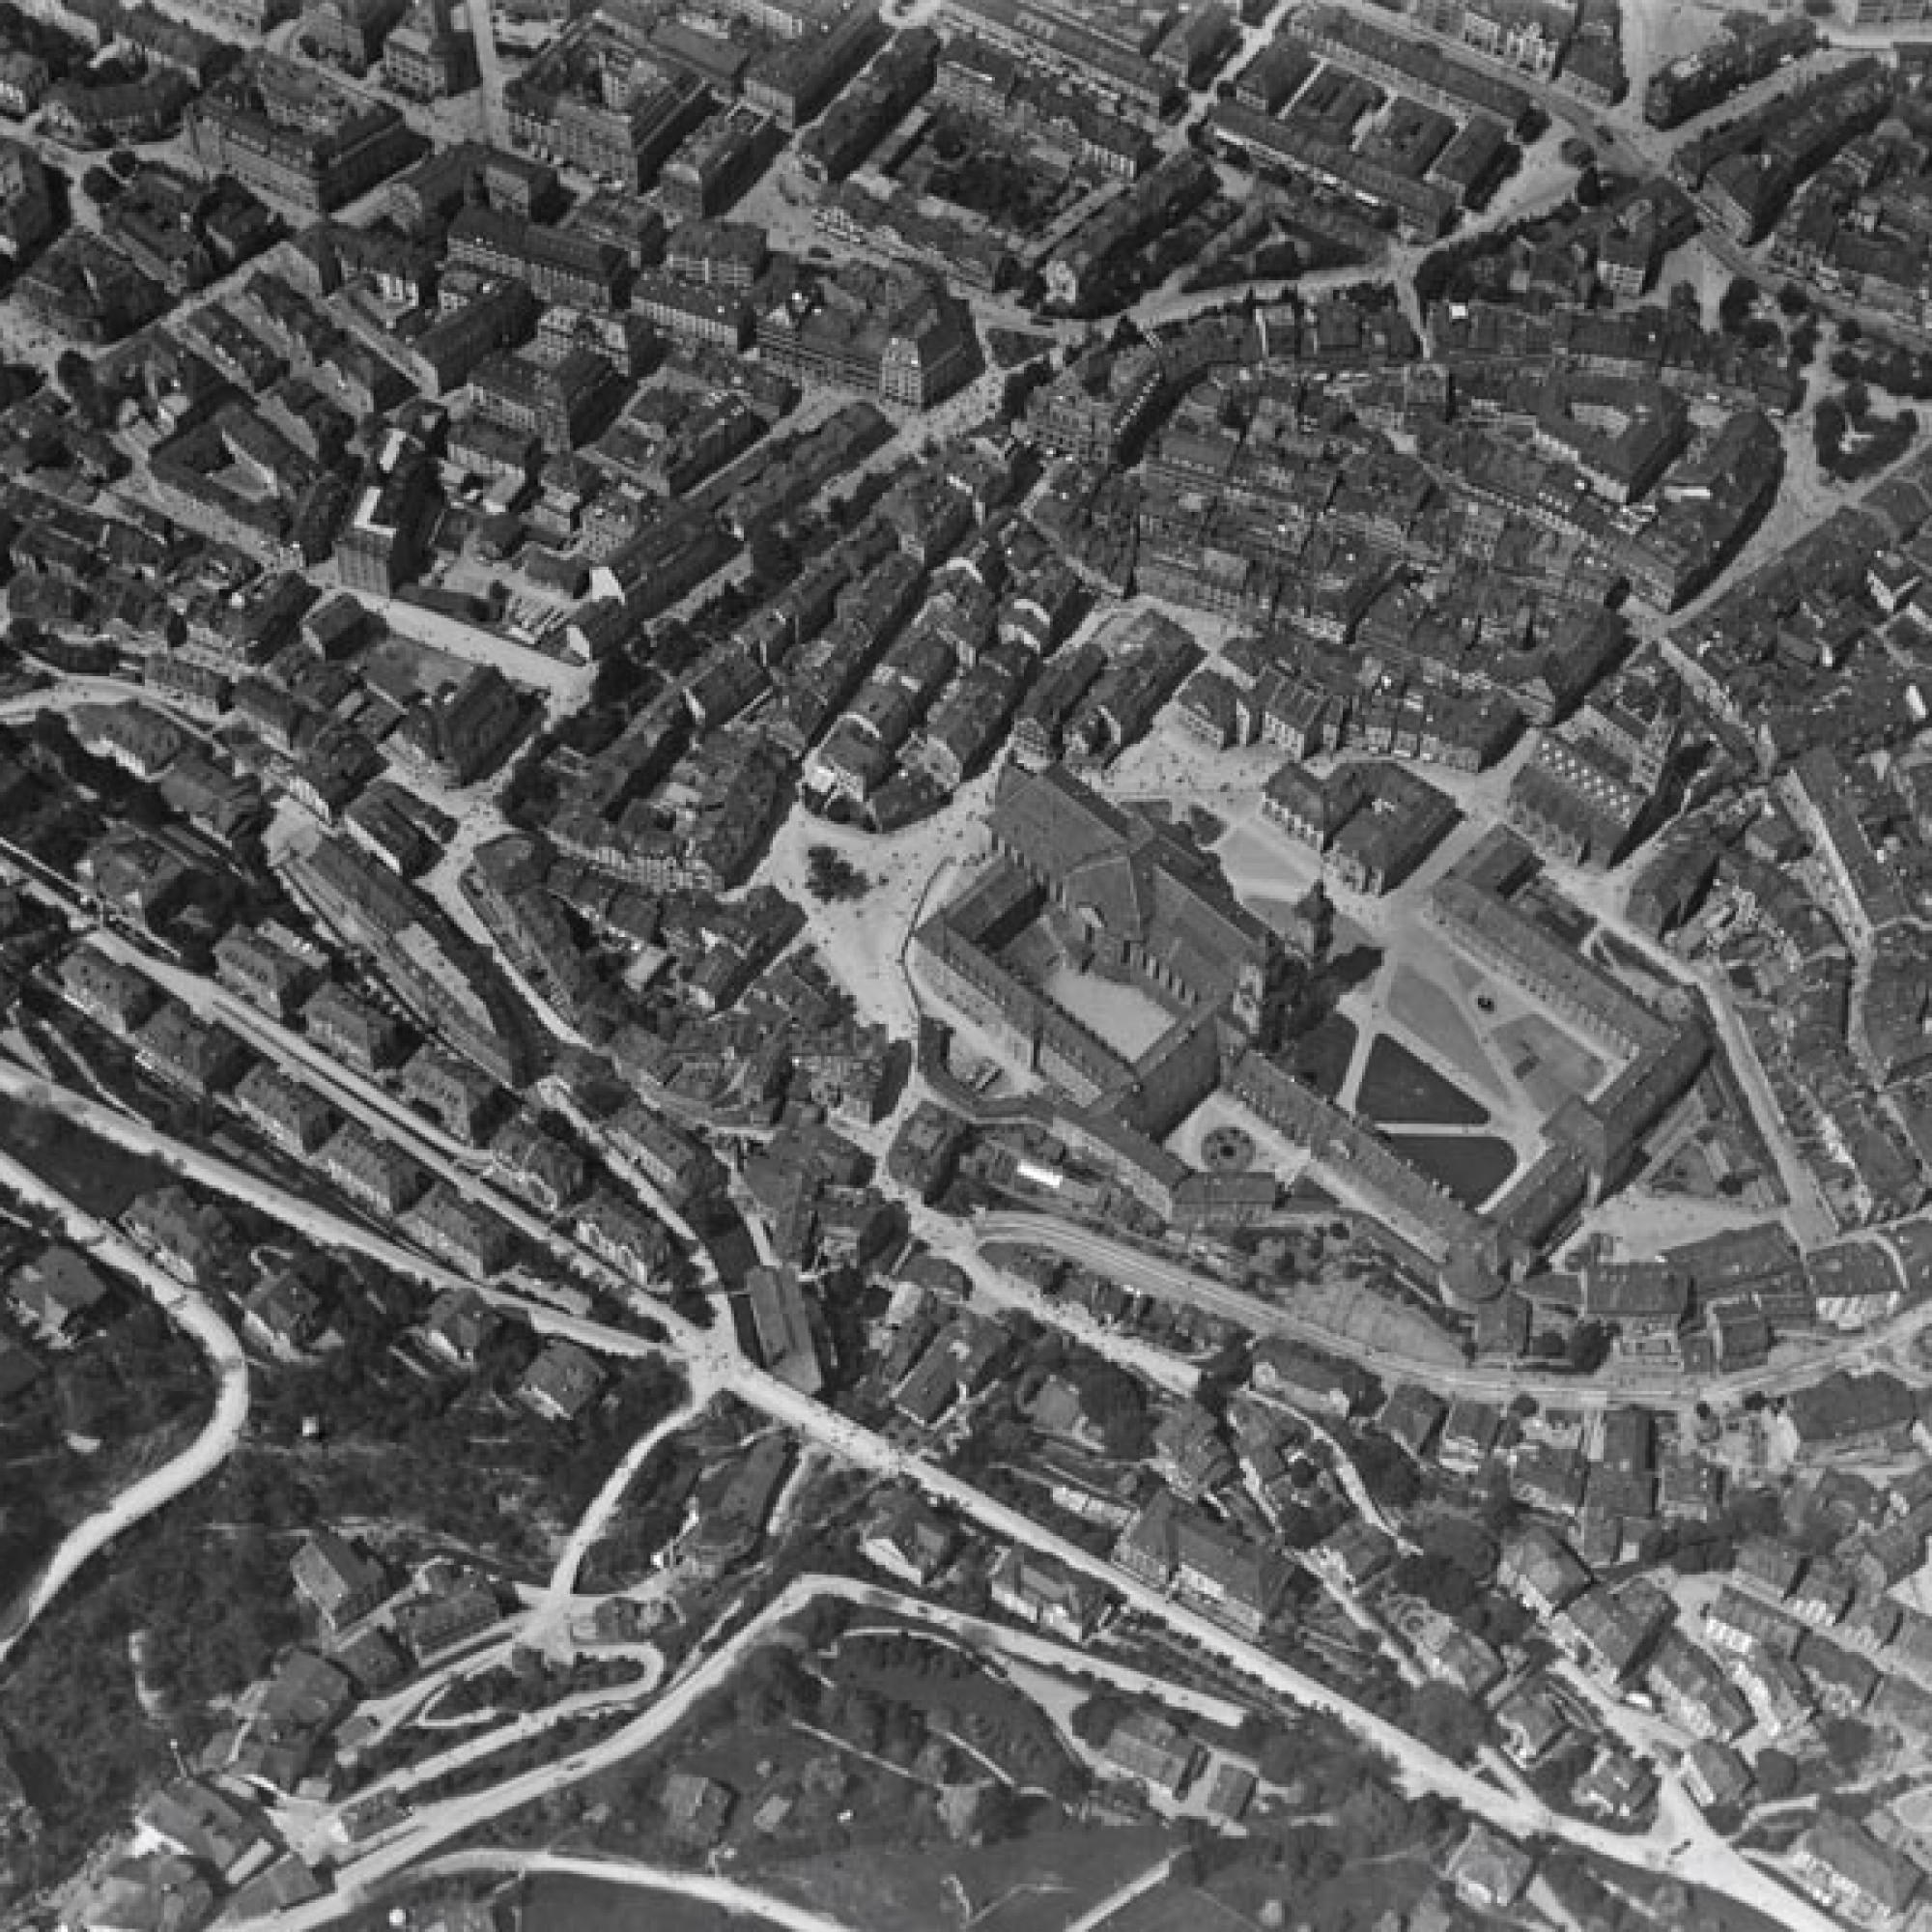 Historische Aufnahme des Klosterbezirks von St. Gallen .  (Bild: gemeinfrei)